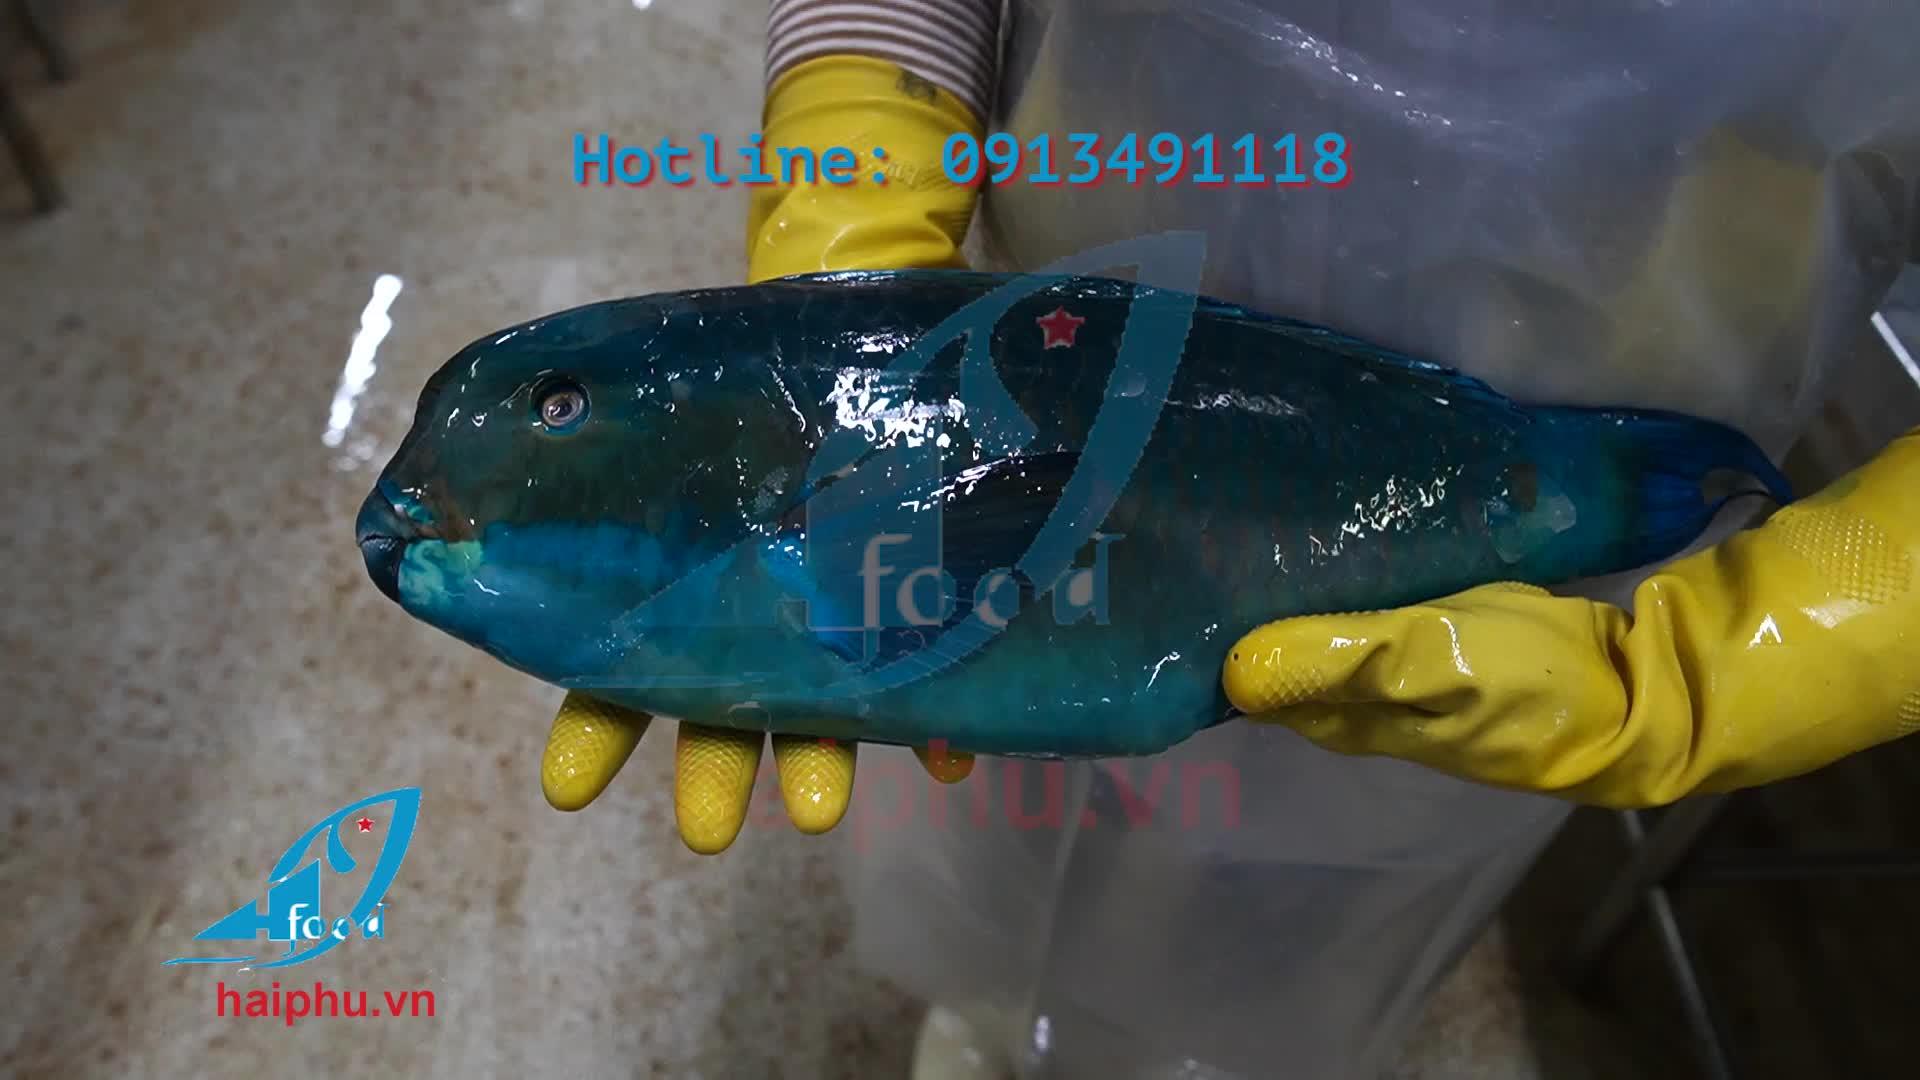 Terbaik Penjual Beku Ikan Produk Hai Phu Perusahaan dengan Iqf Beku Metode Quang Ngai Vietnam